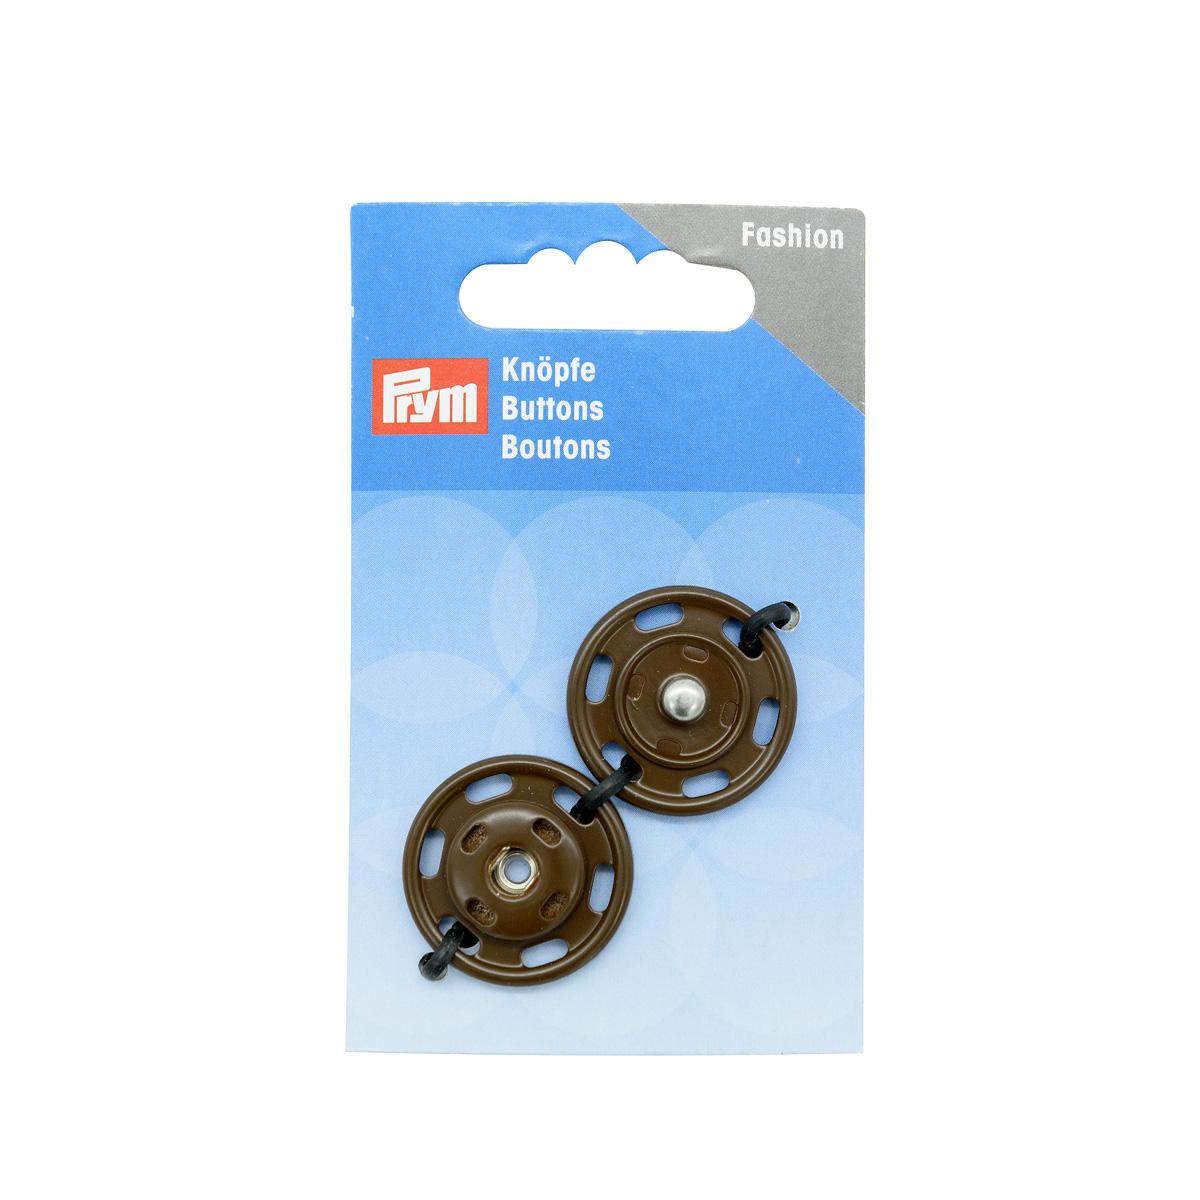 341840 Кнопки пришивные, коричневый, 25 мм, Prym